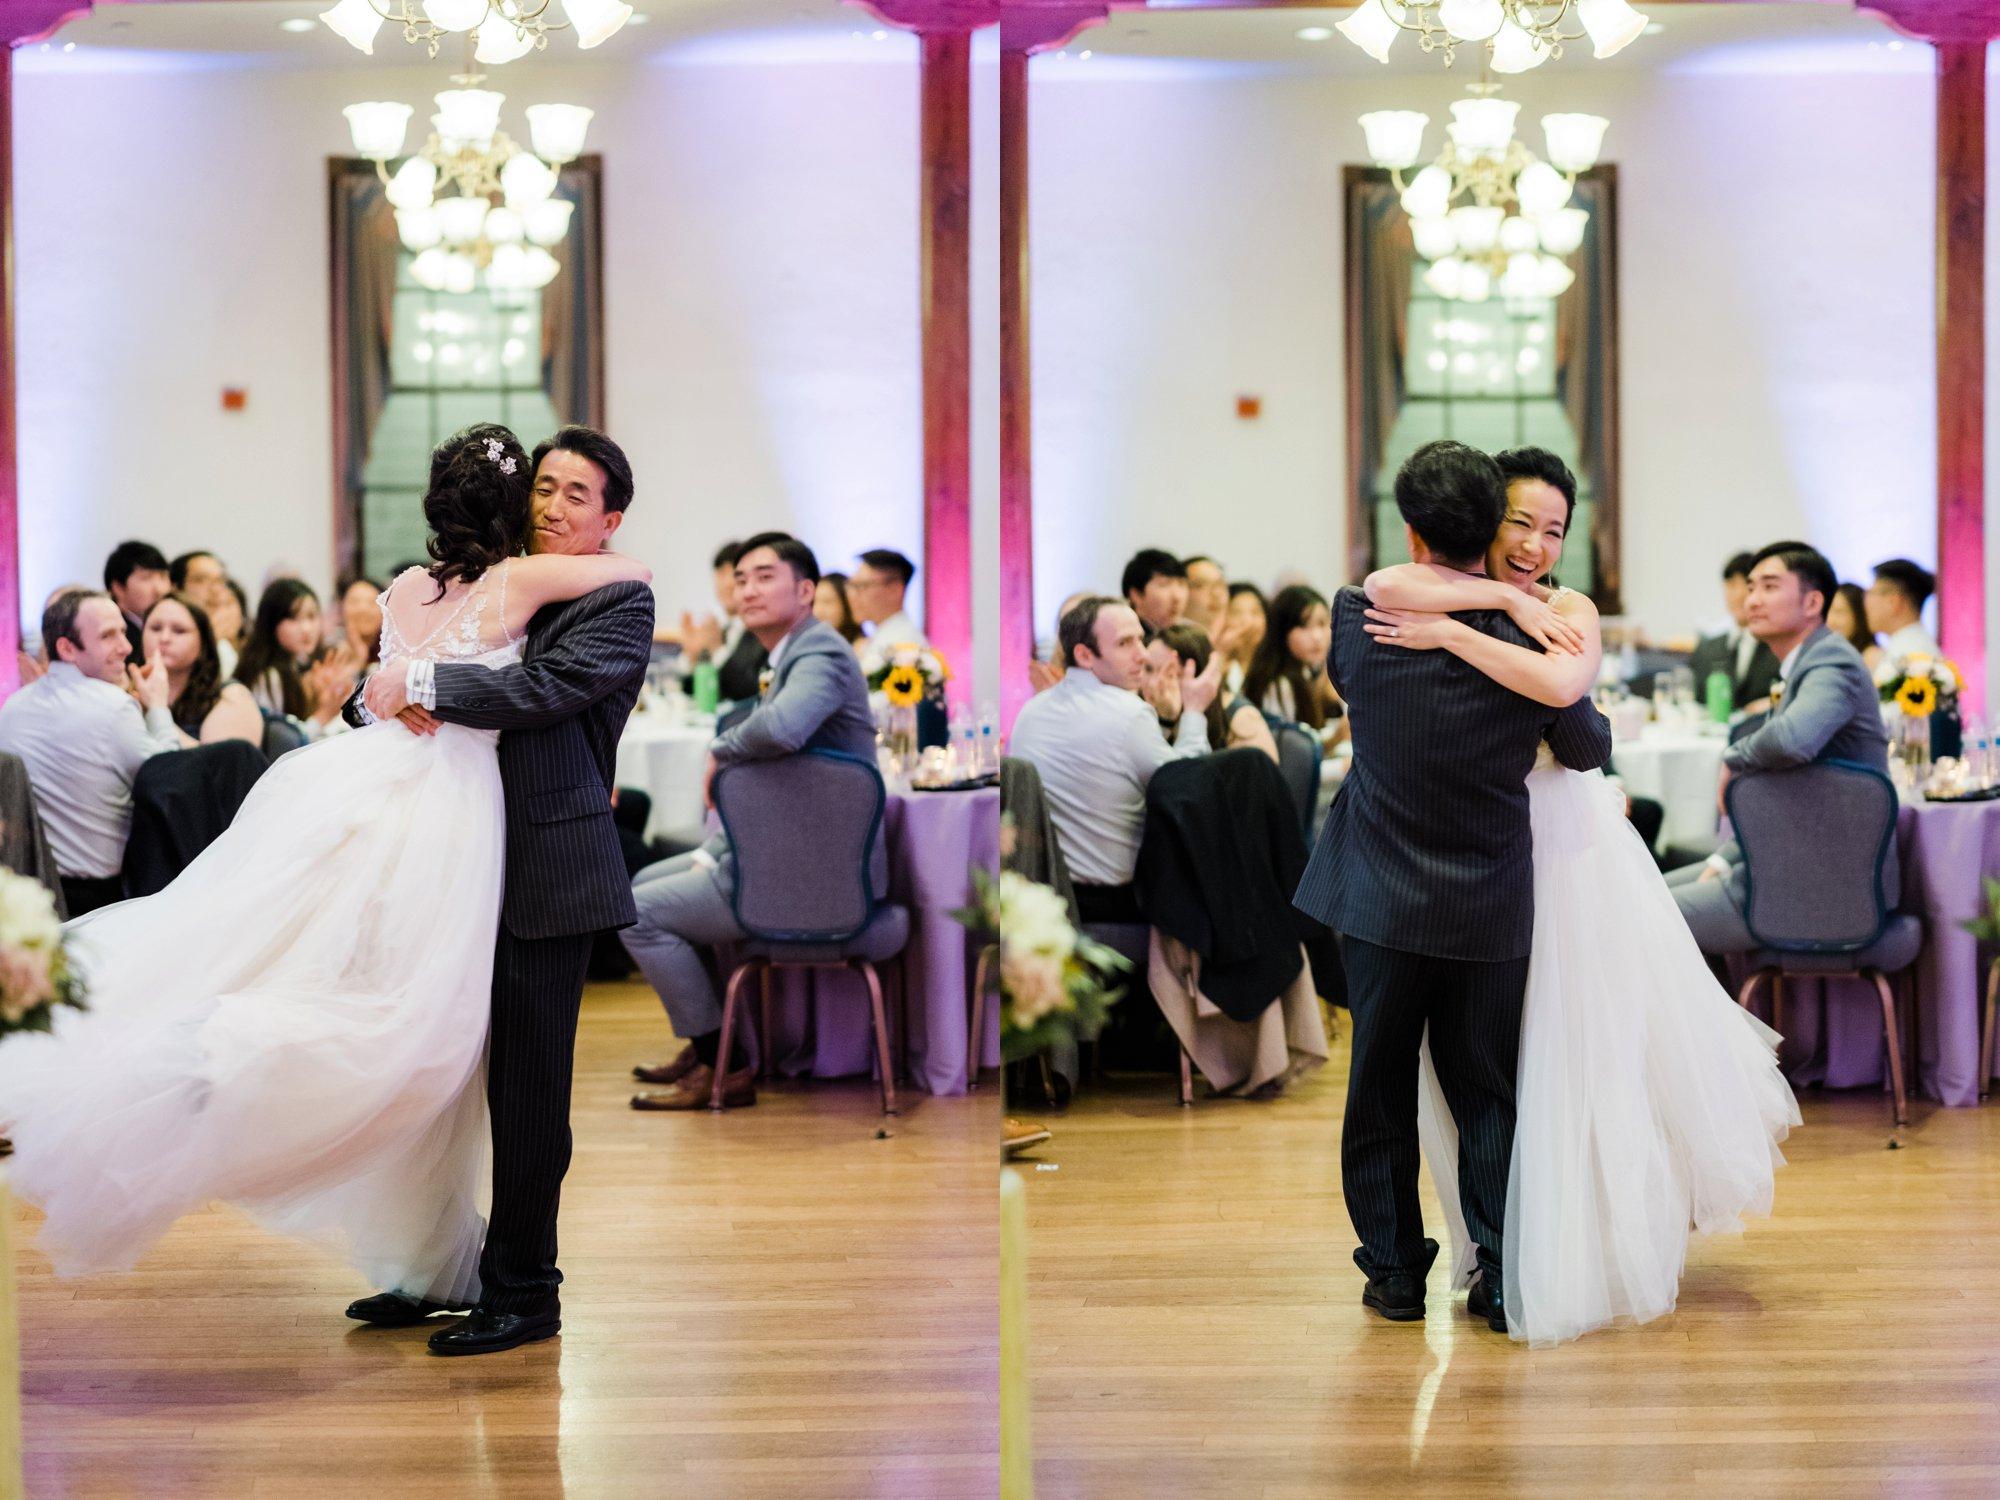 fairfax-dc-wedding-old-city-hall_0150.jpg